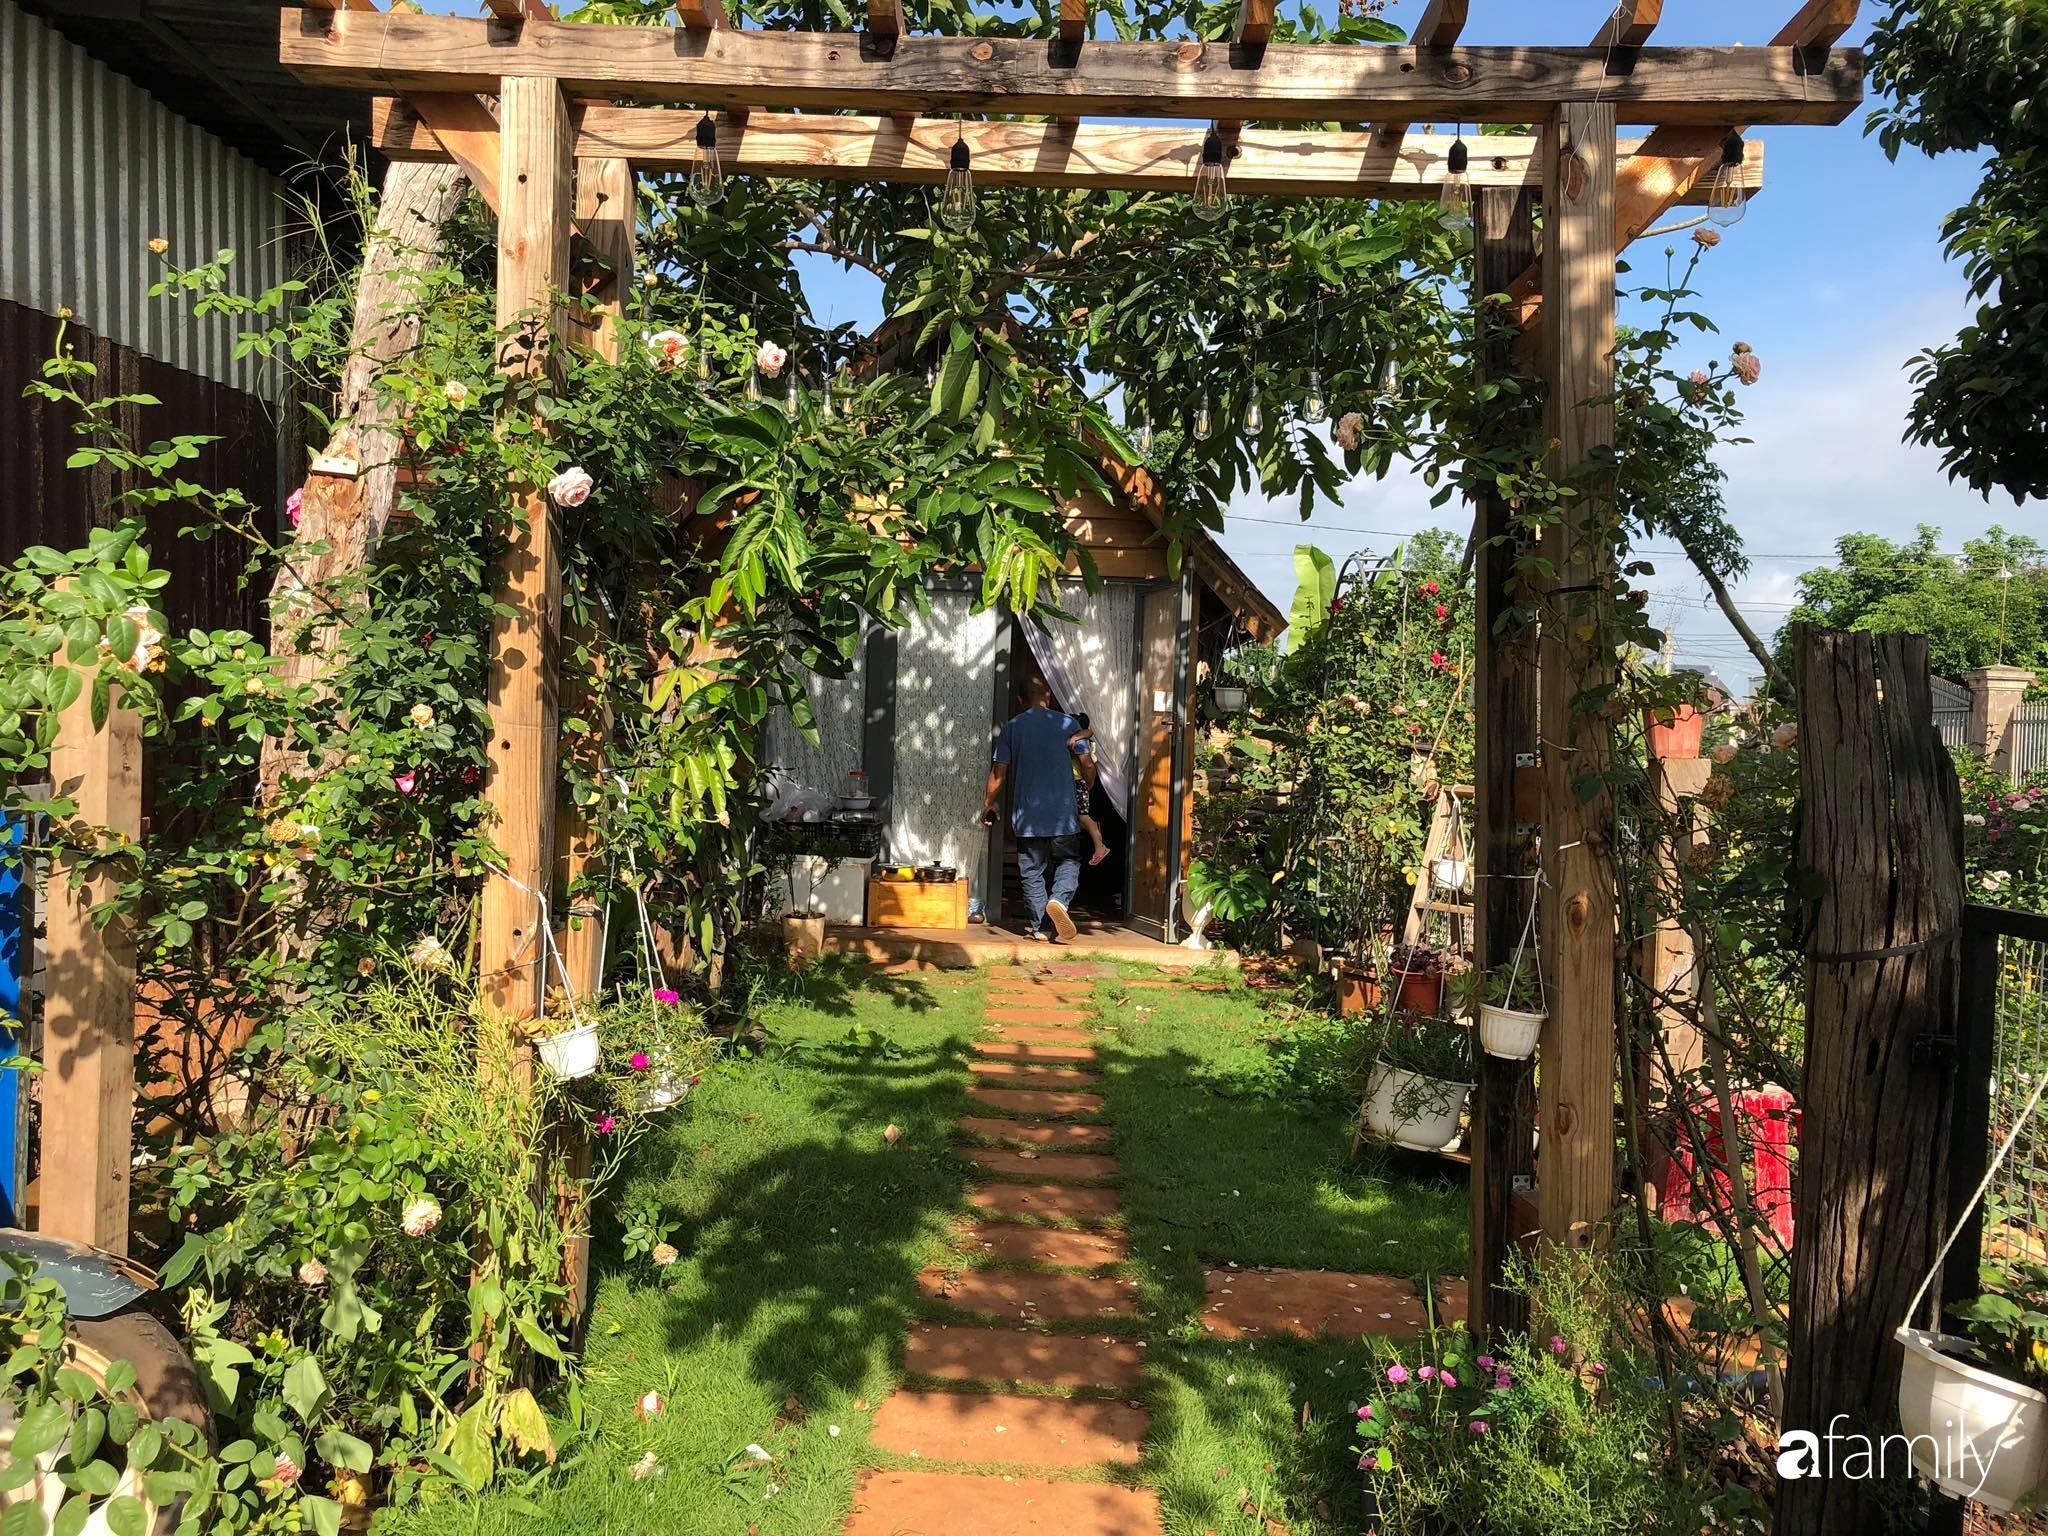 Khu vườn hoa hồng đẹp như cổ tích mà người chồng ngày đêm chăm sóc để tặng vợ con ở Vũng Tàu-19